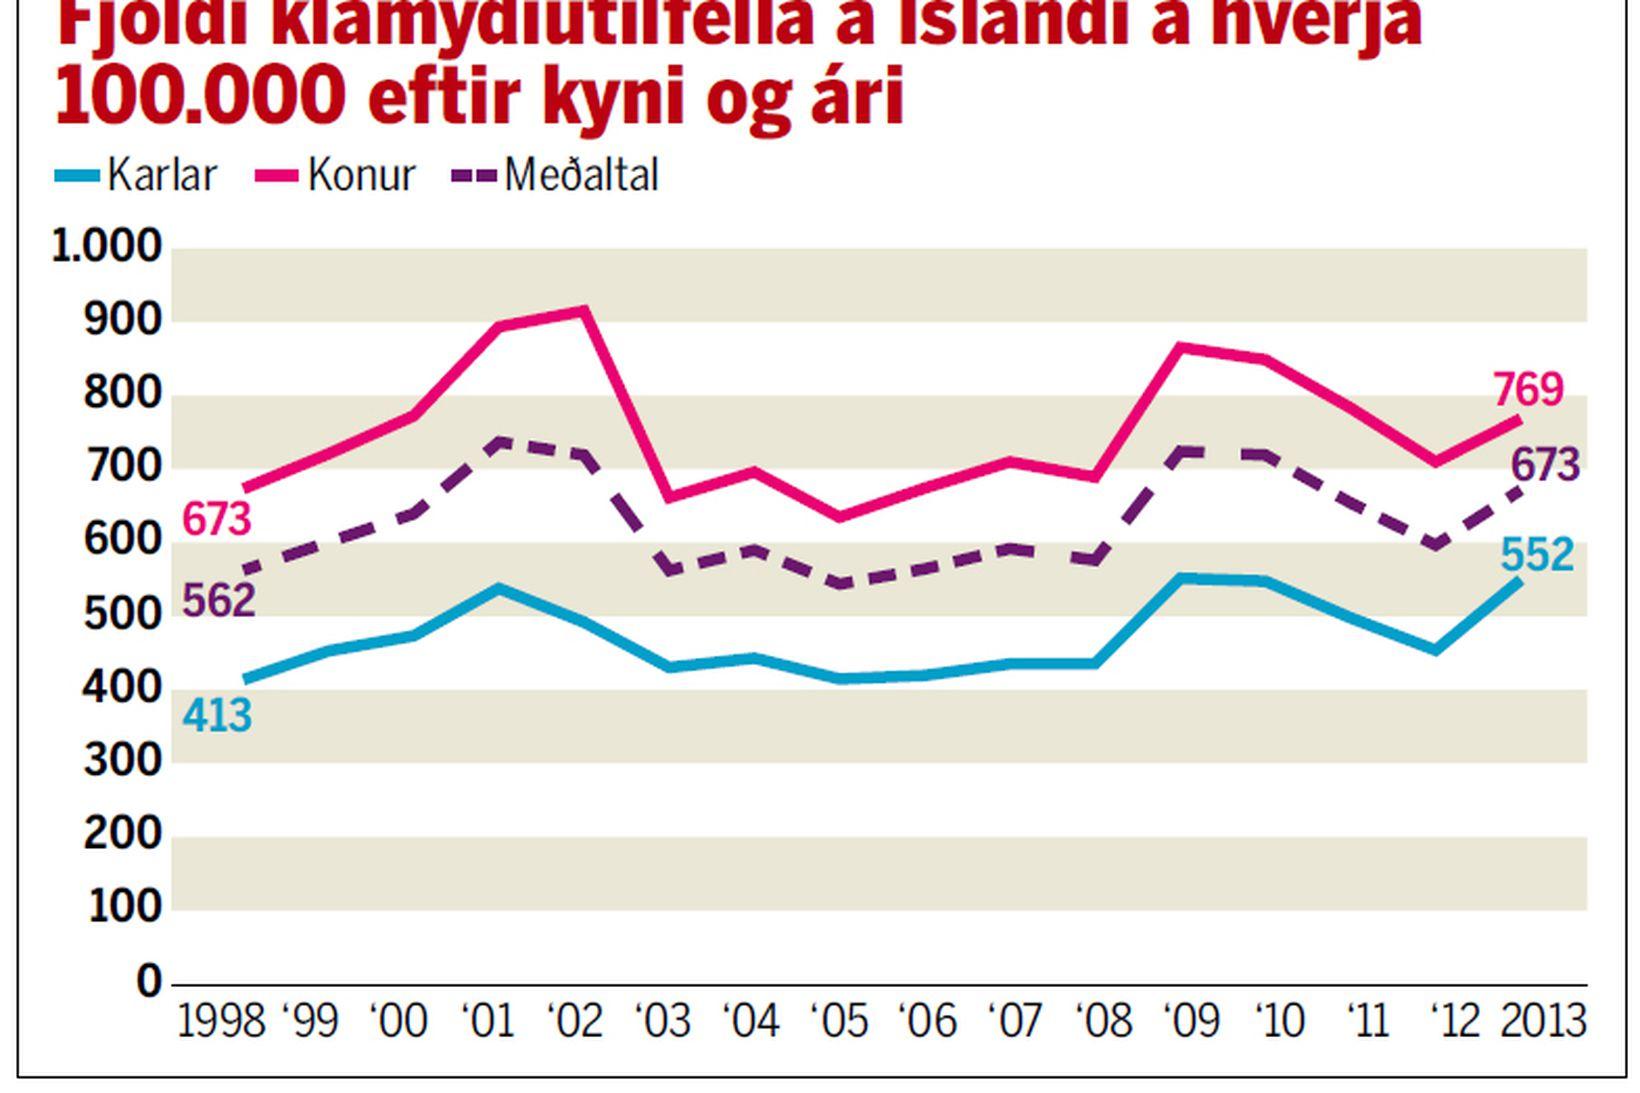 Klamydía er hlutfallslega meiri á Íslandi en í öðrum Evrópulöndum.